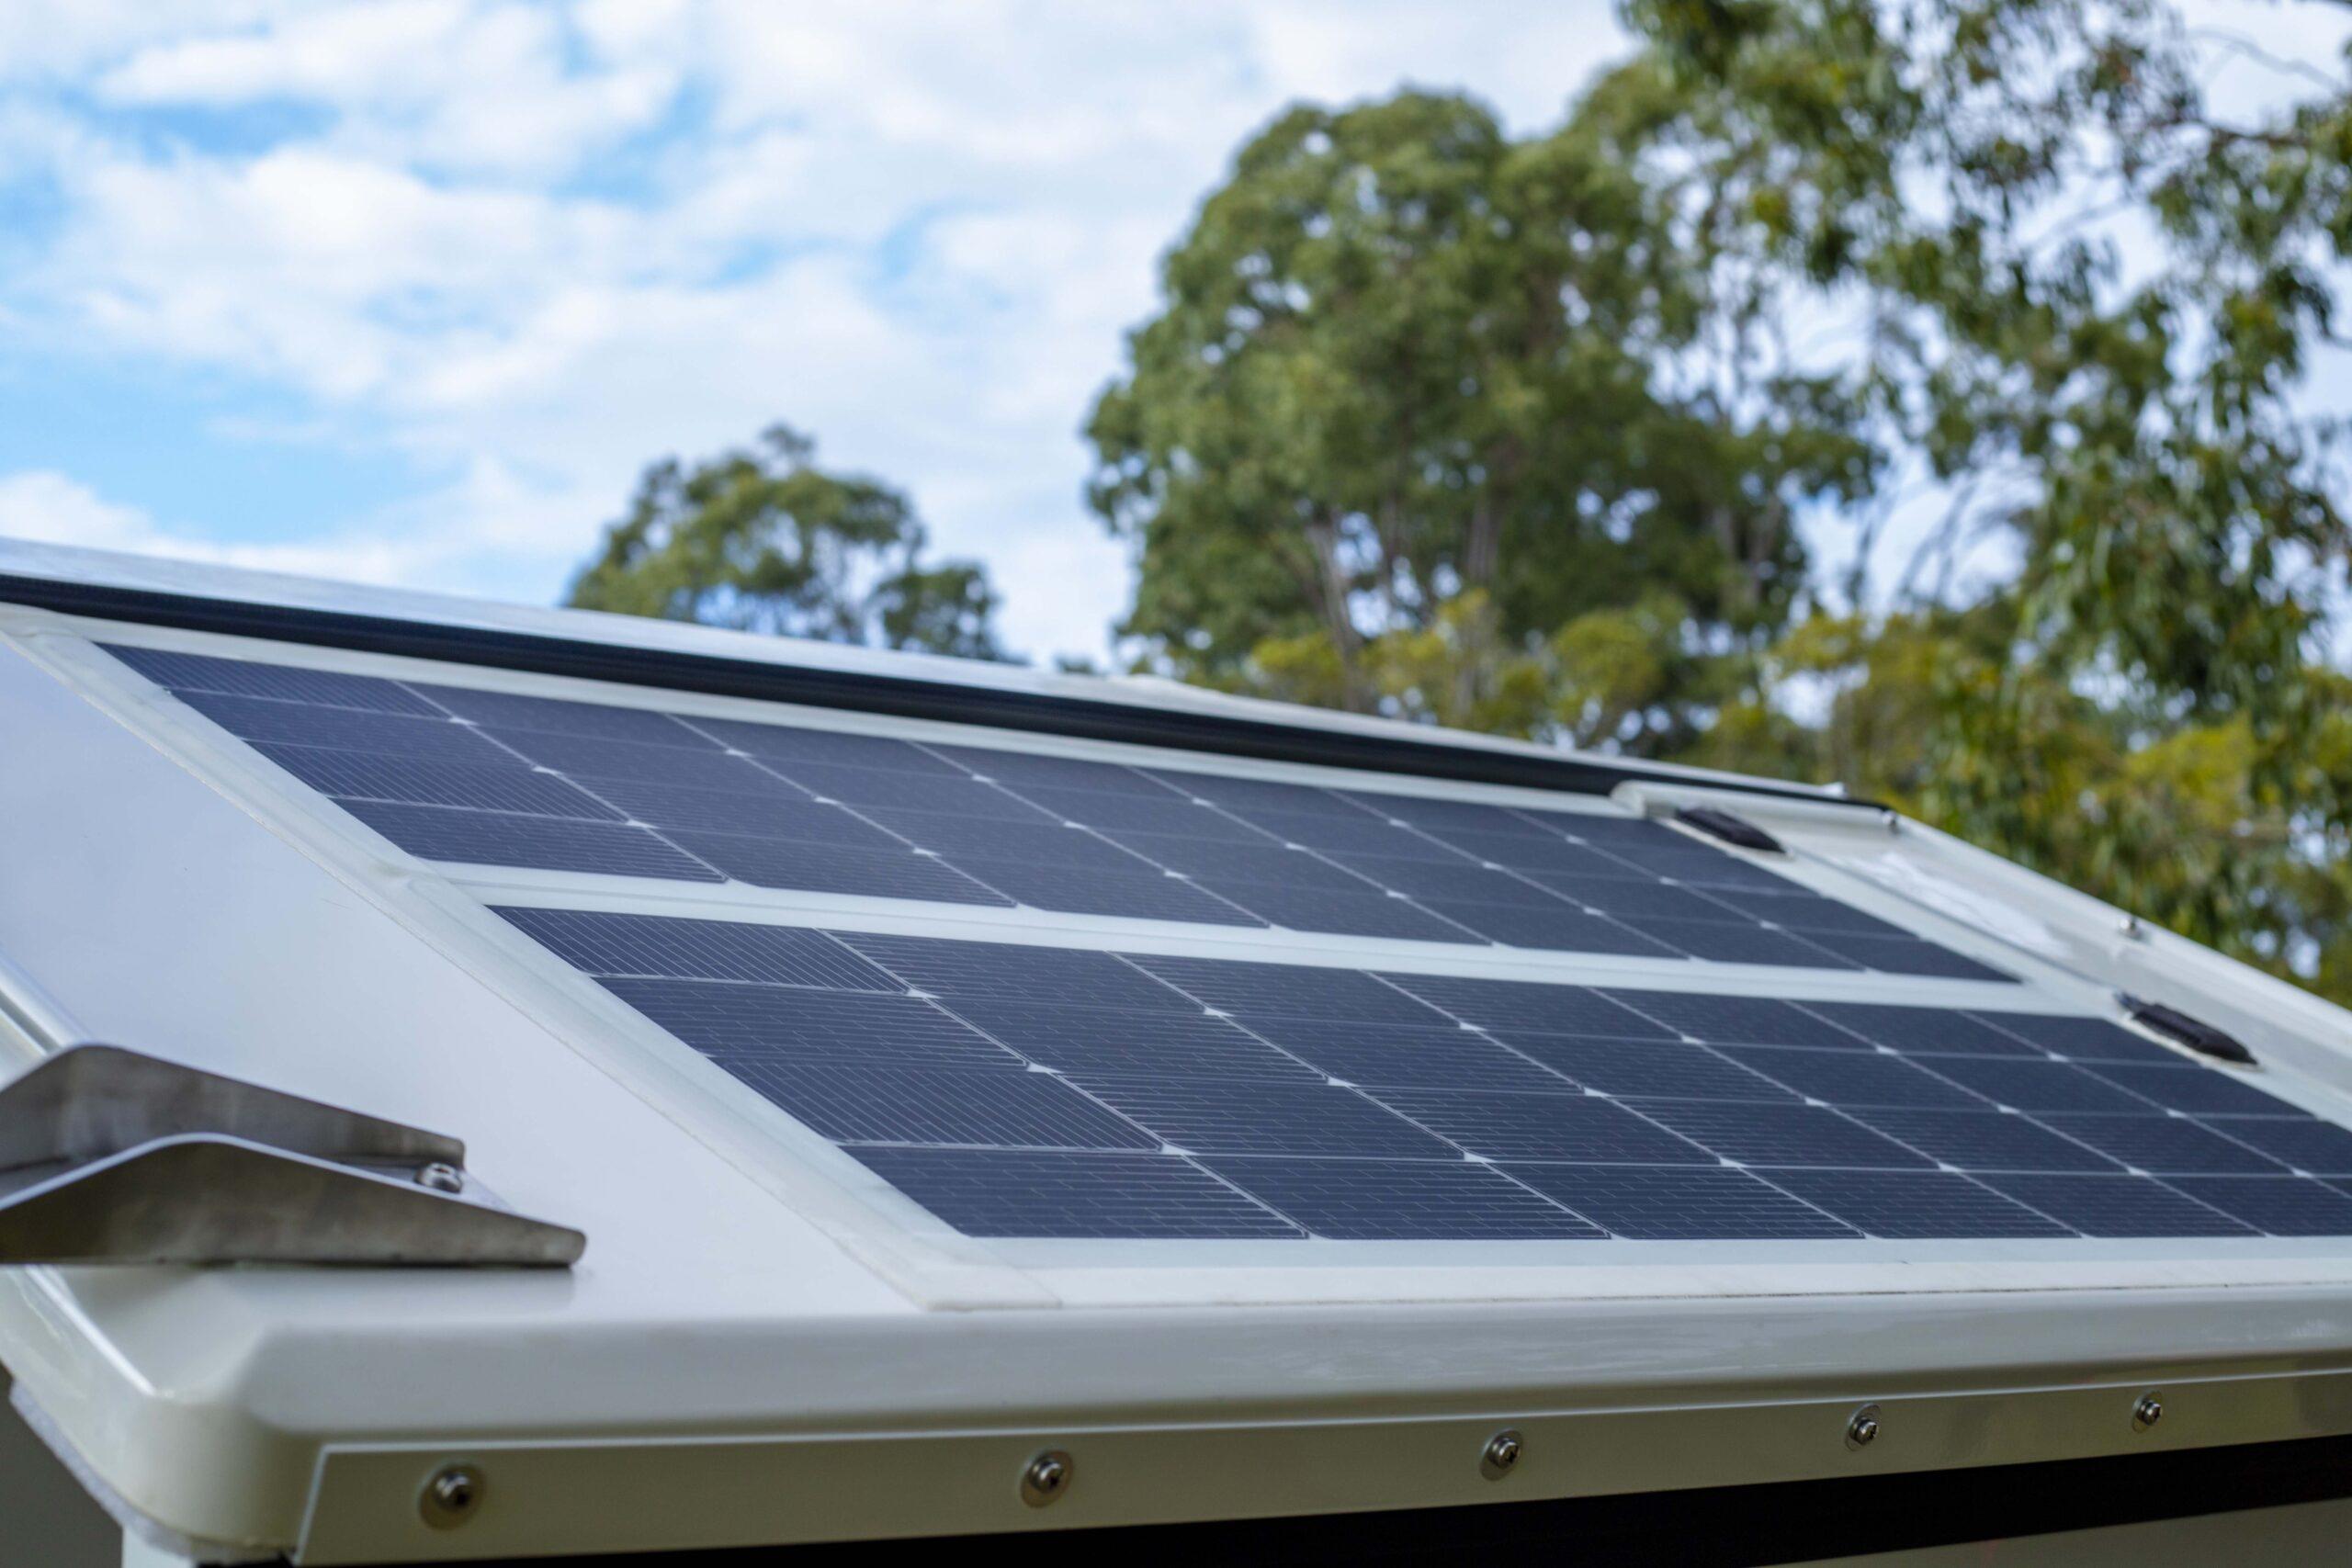 Kimberley Karavan solar lobster tail Merlin Solar